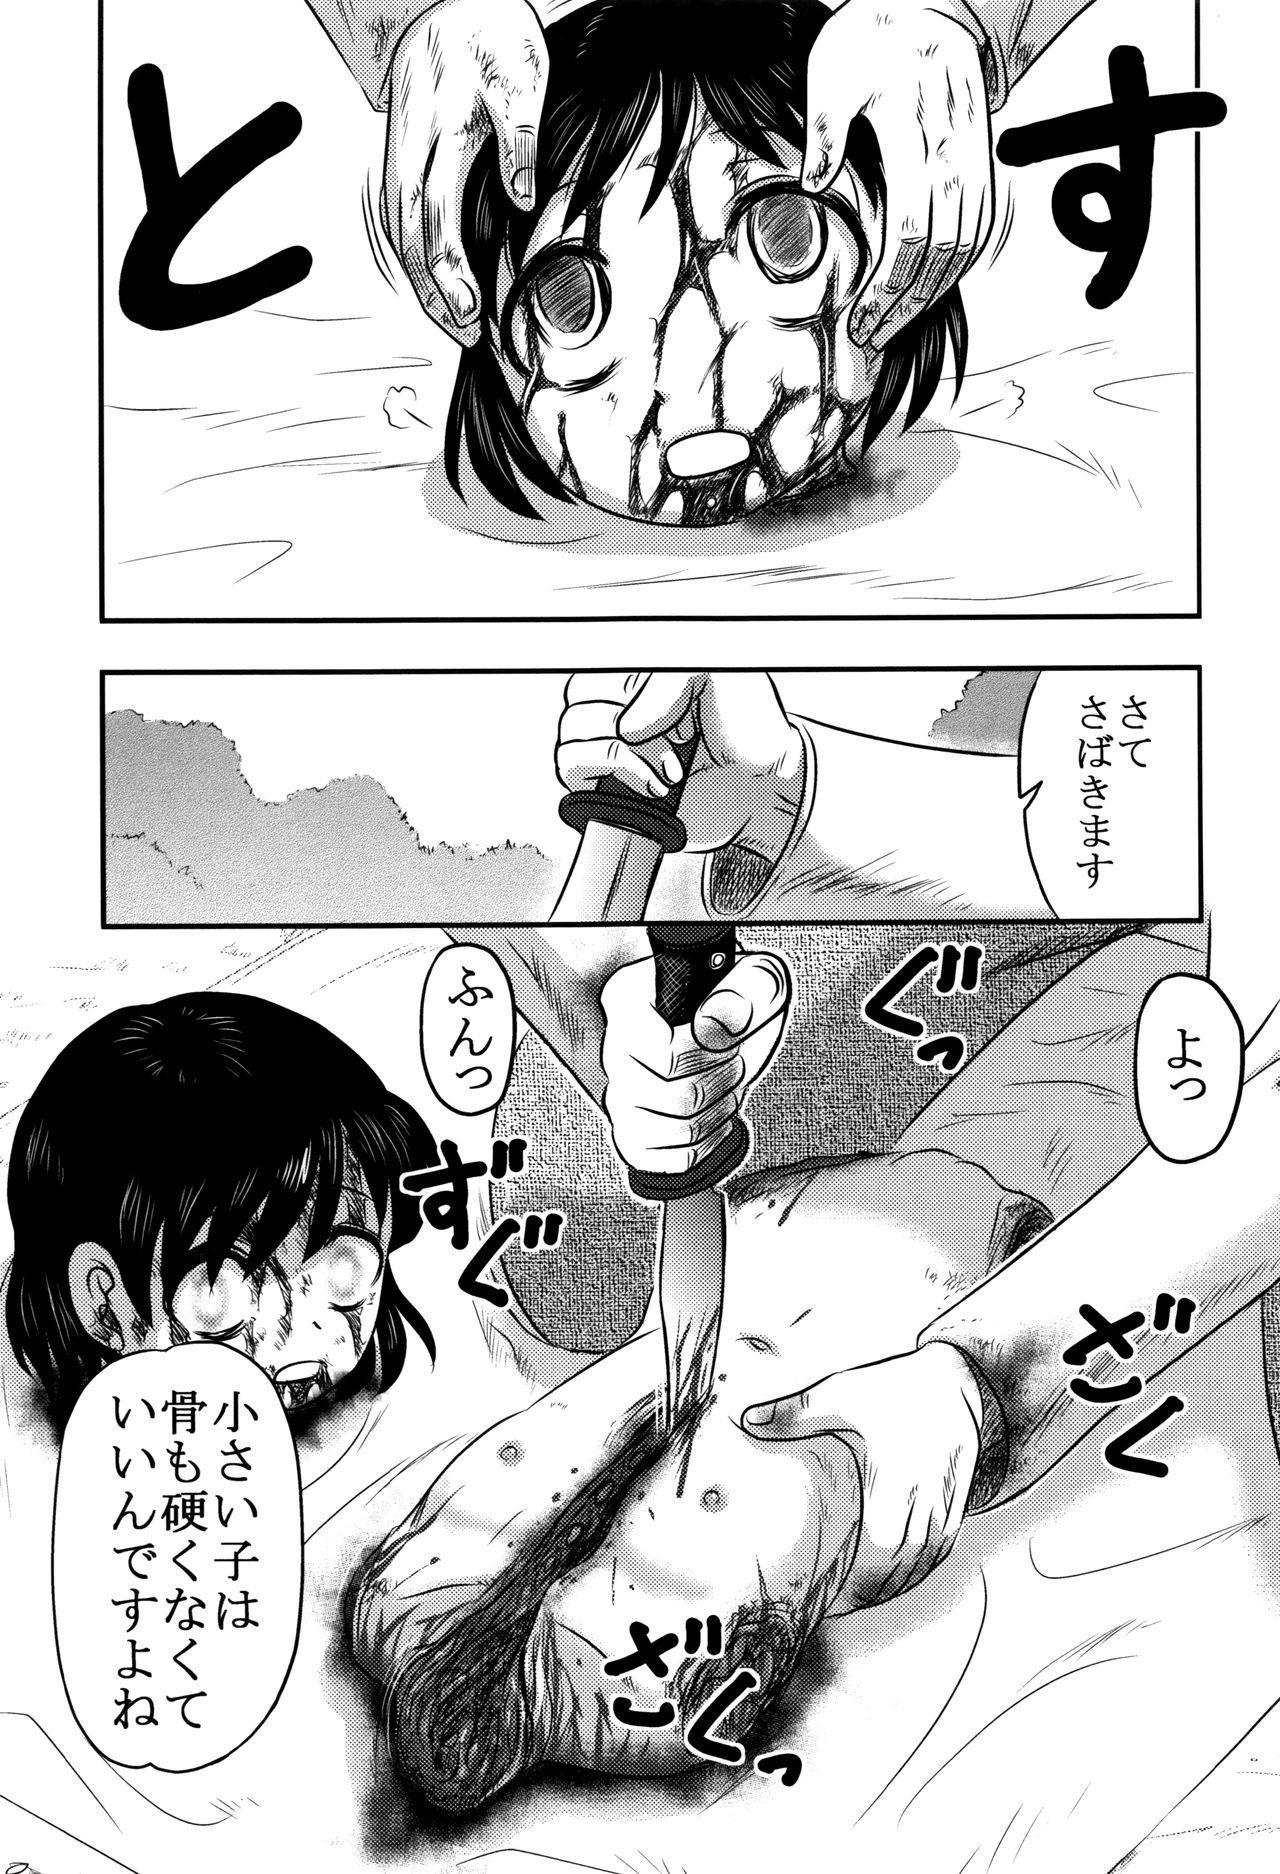 Chishigoyomi 17